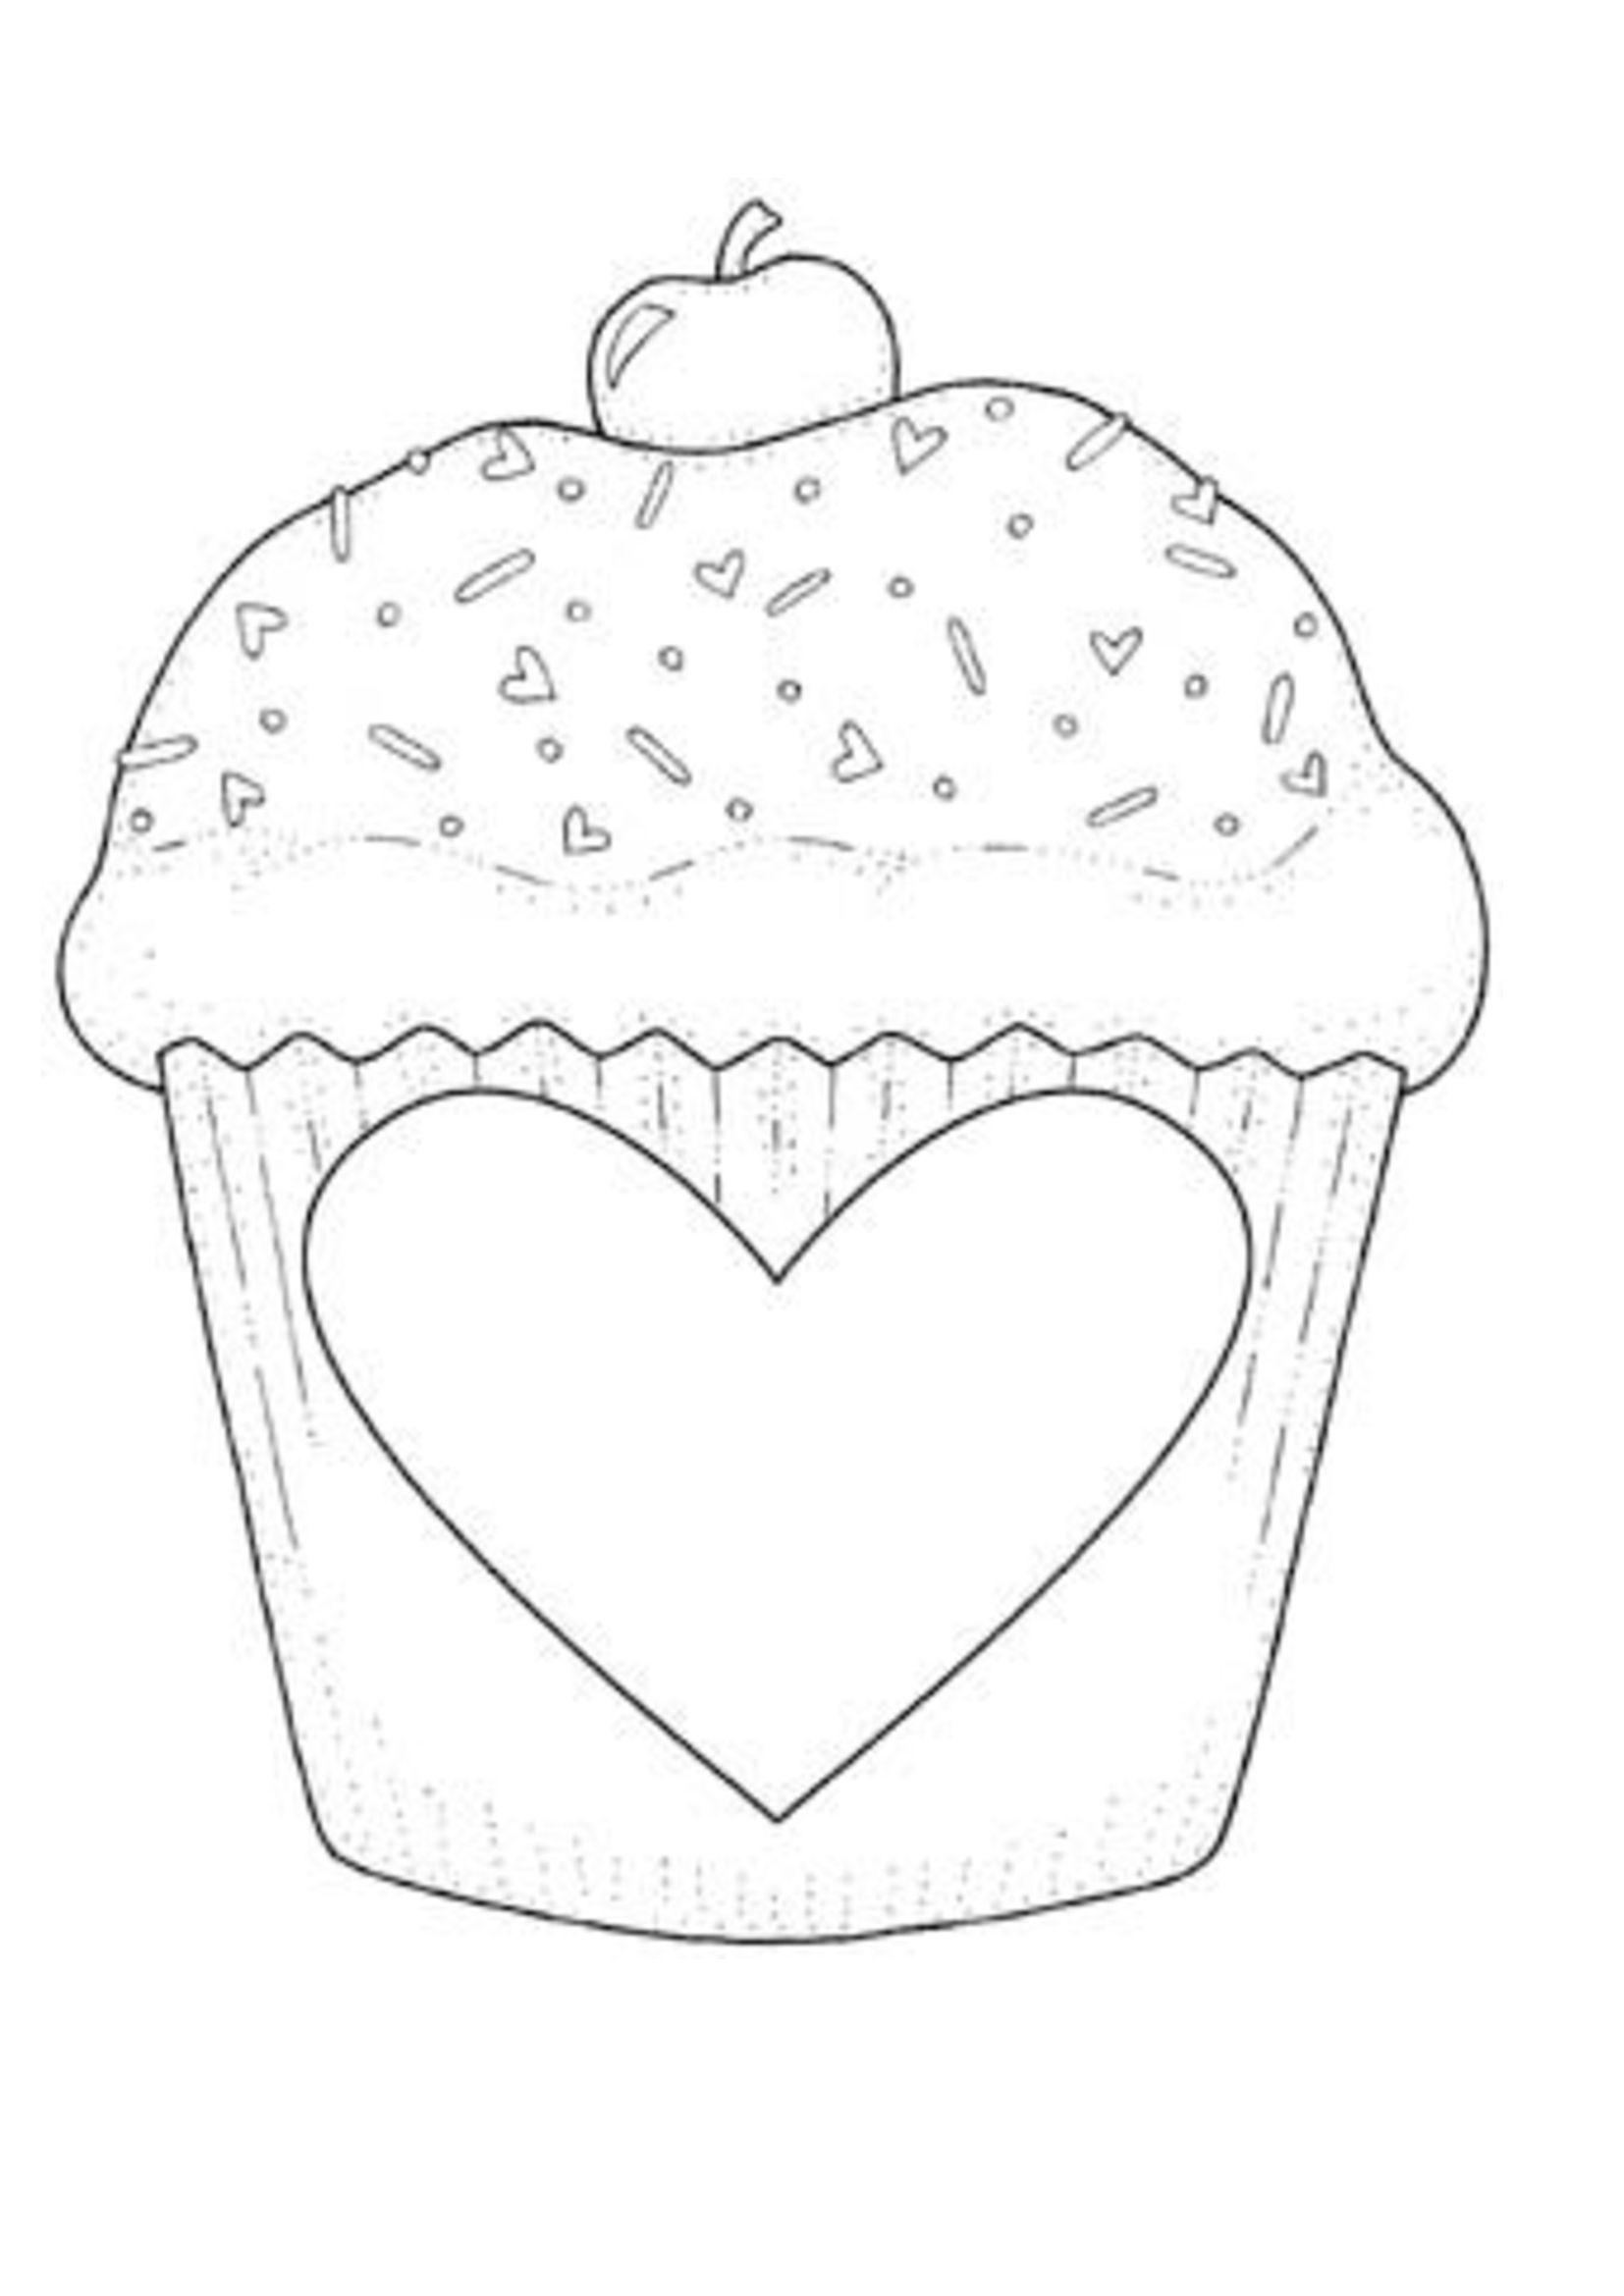 Шаблон кекса для открытки, днем рождения